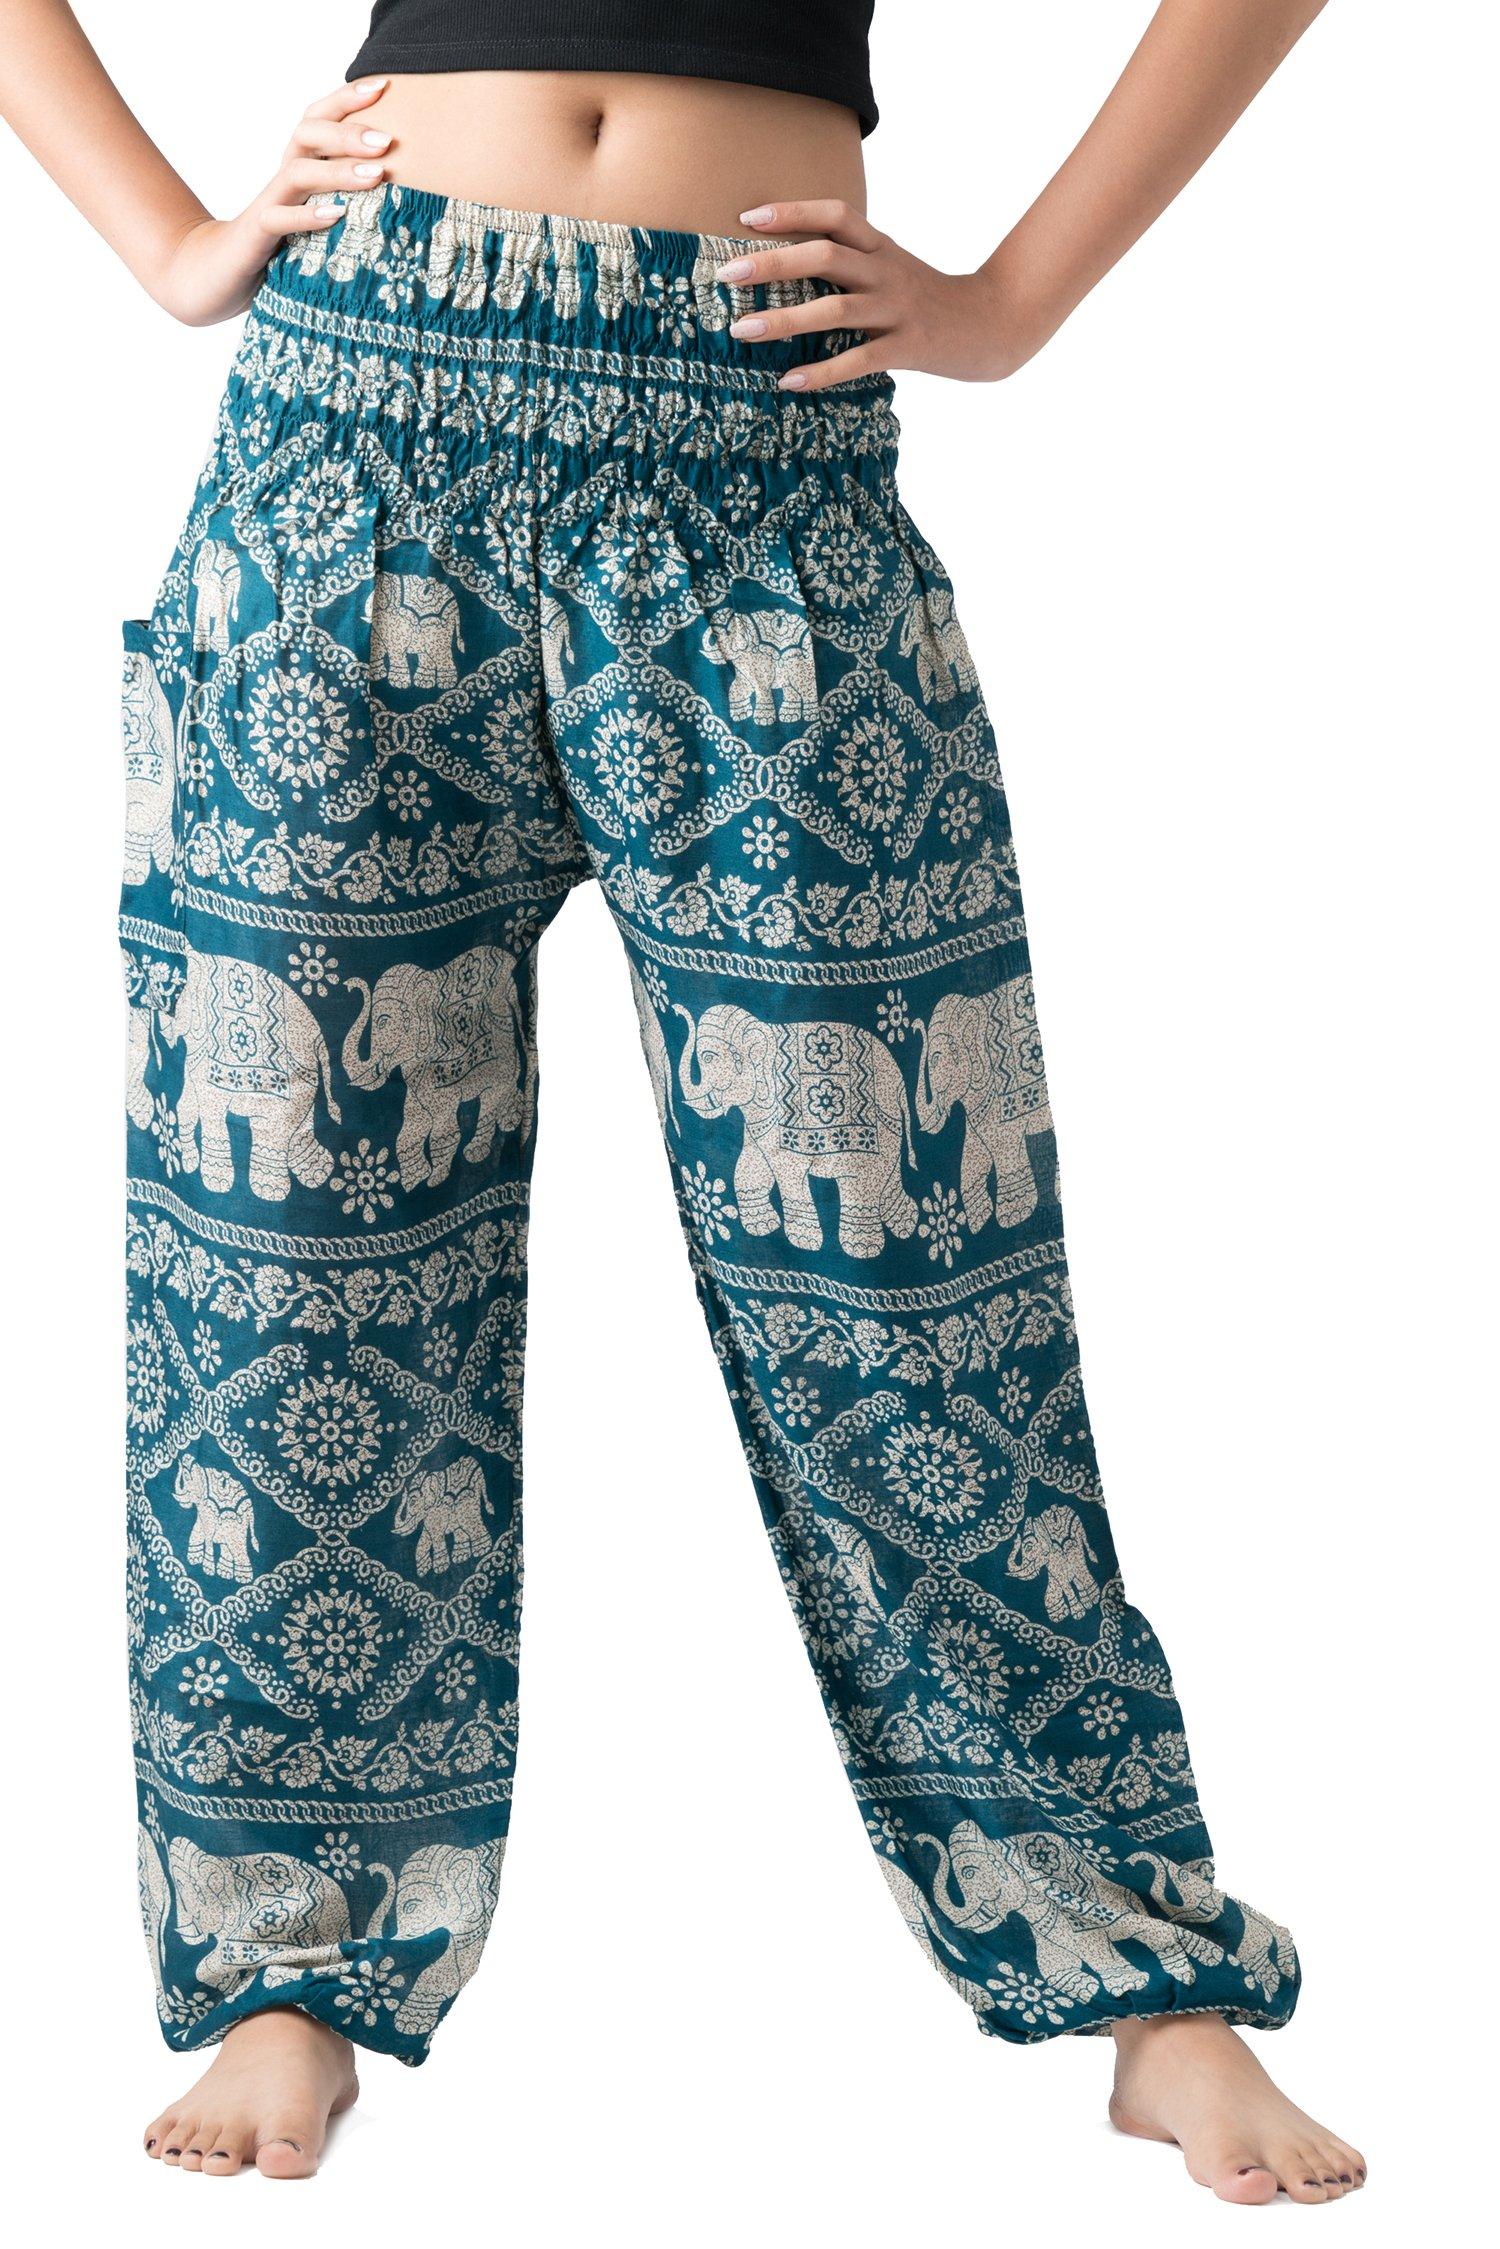 Bangkokpants Women's Yoga Clothing Elephant Pants US Size 0-12 (Green)